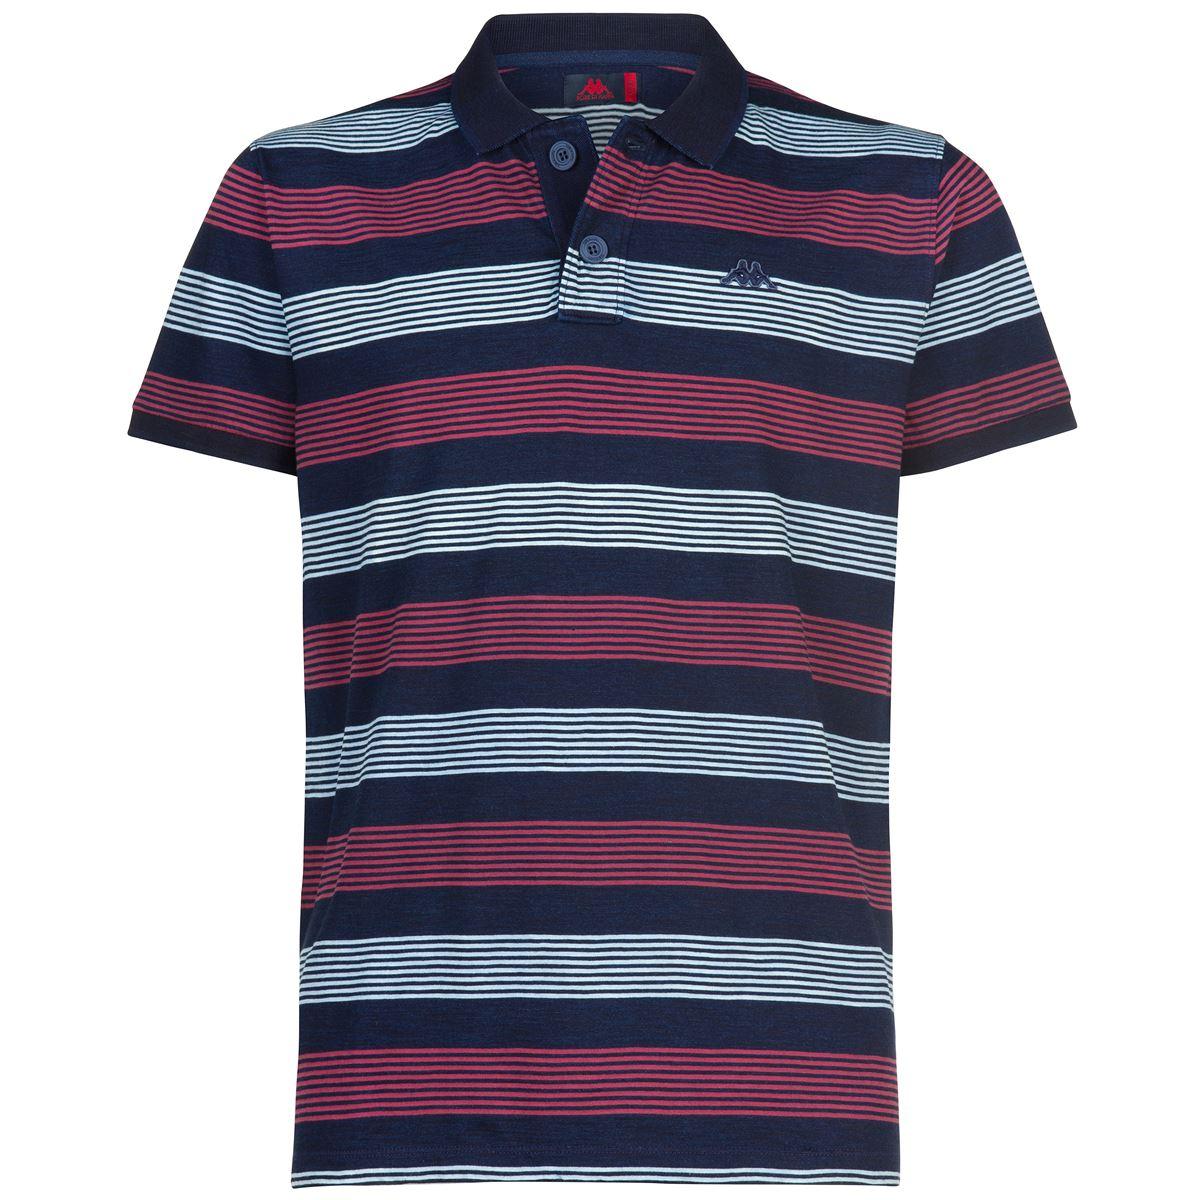 Robe di Kappa Polo Shirts uomo-68116WW